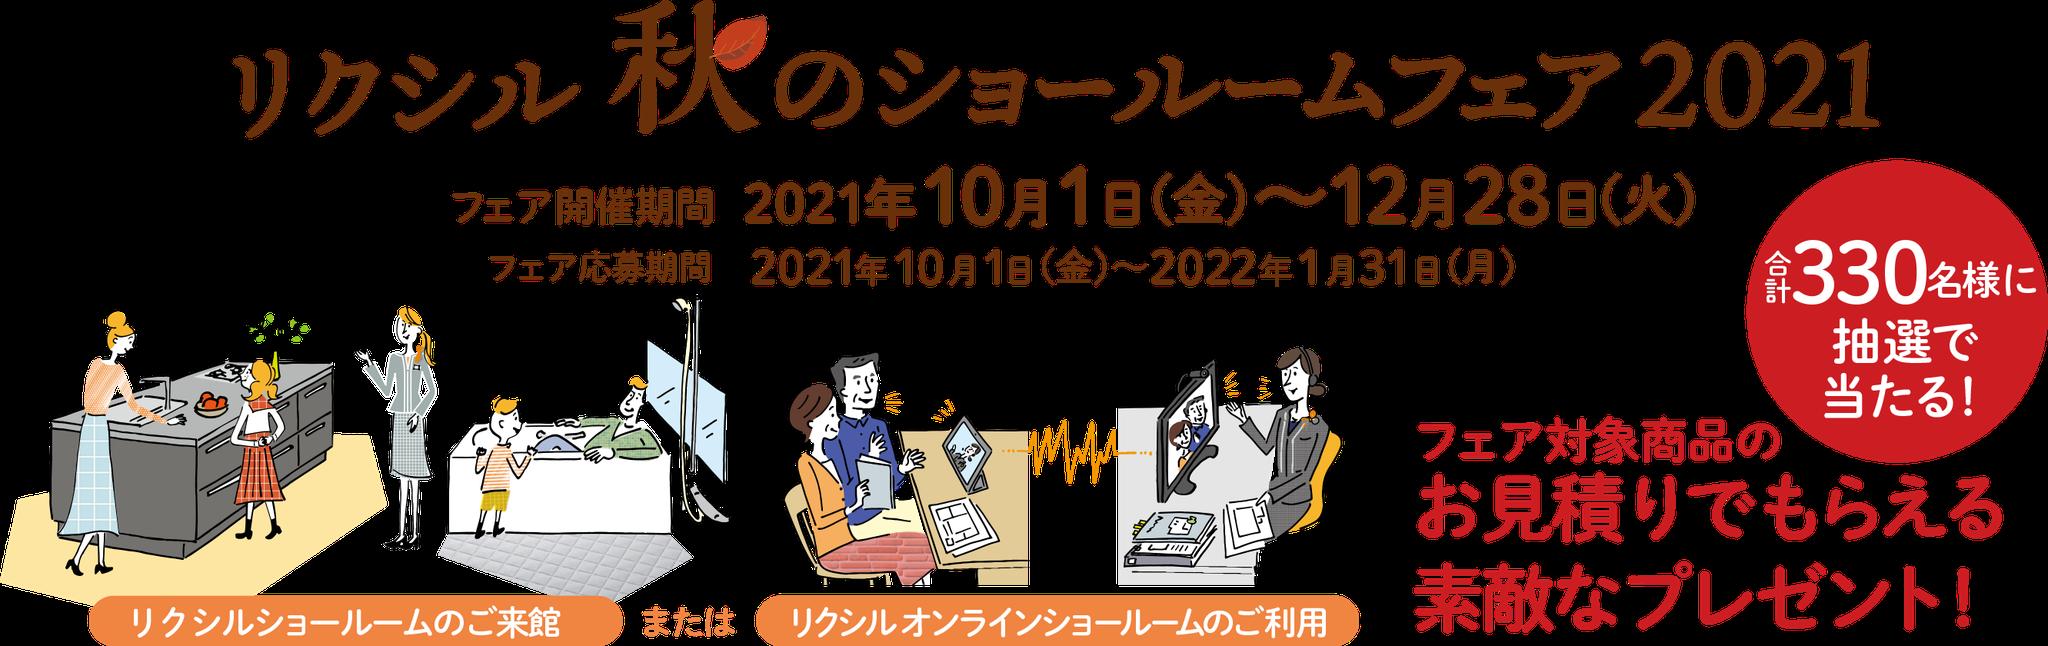 LIXIL秋のショールームフェア2021